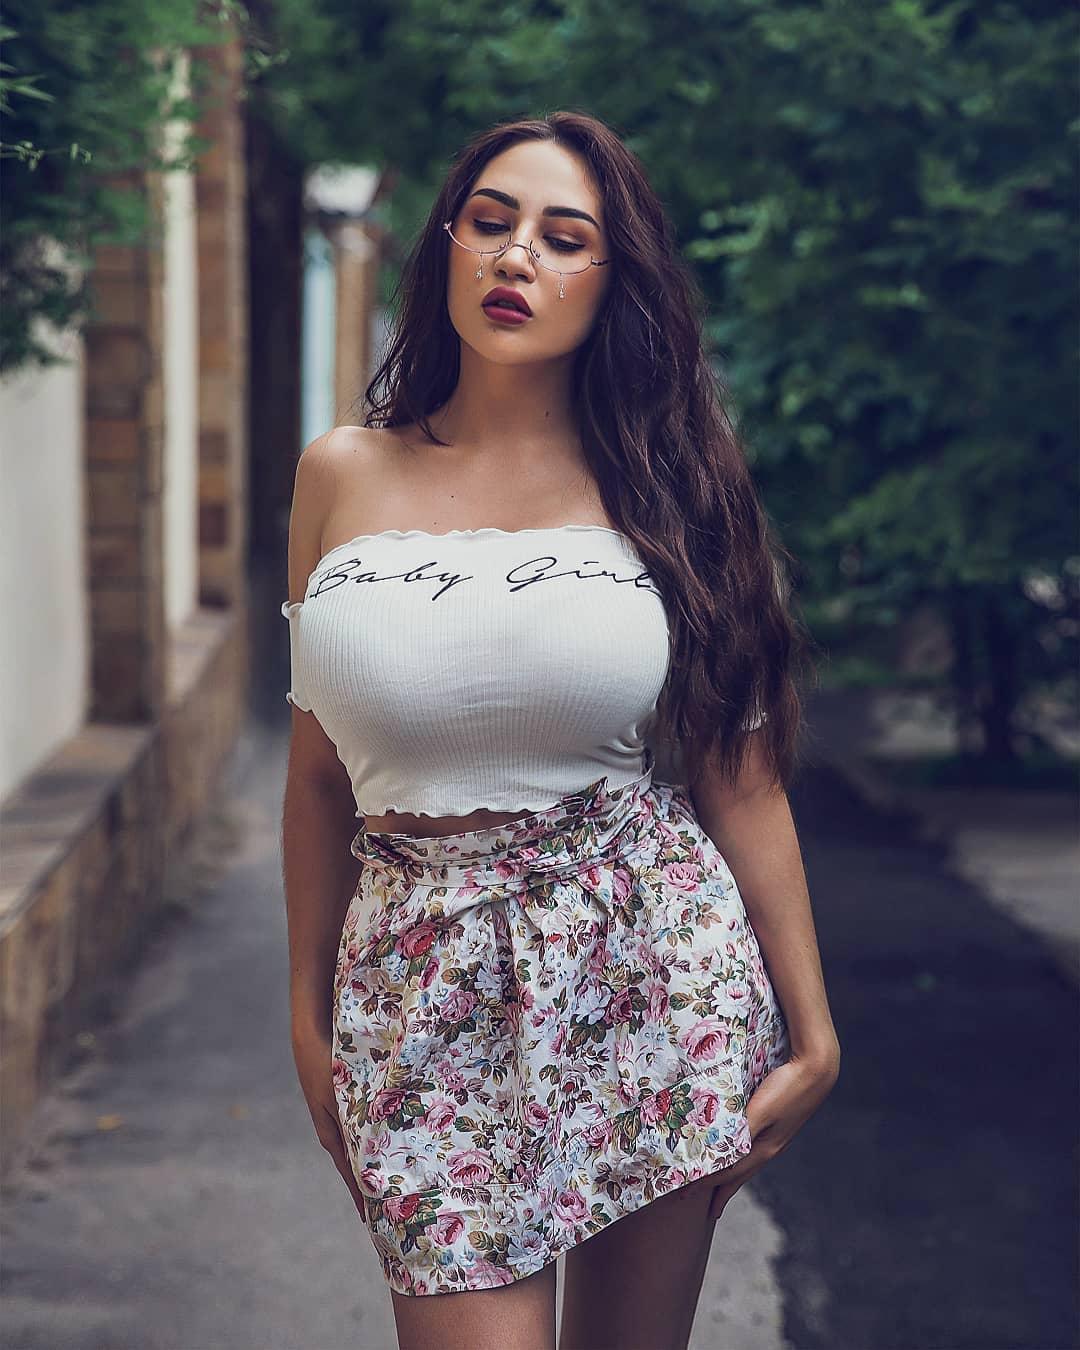 Louisa_Khovanski028.jpg